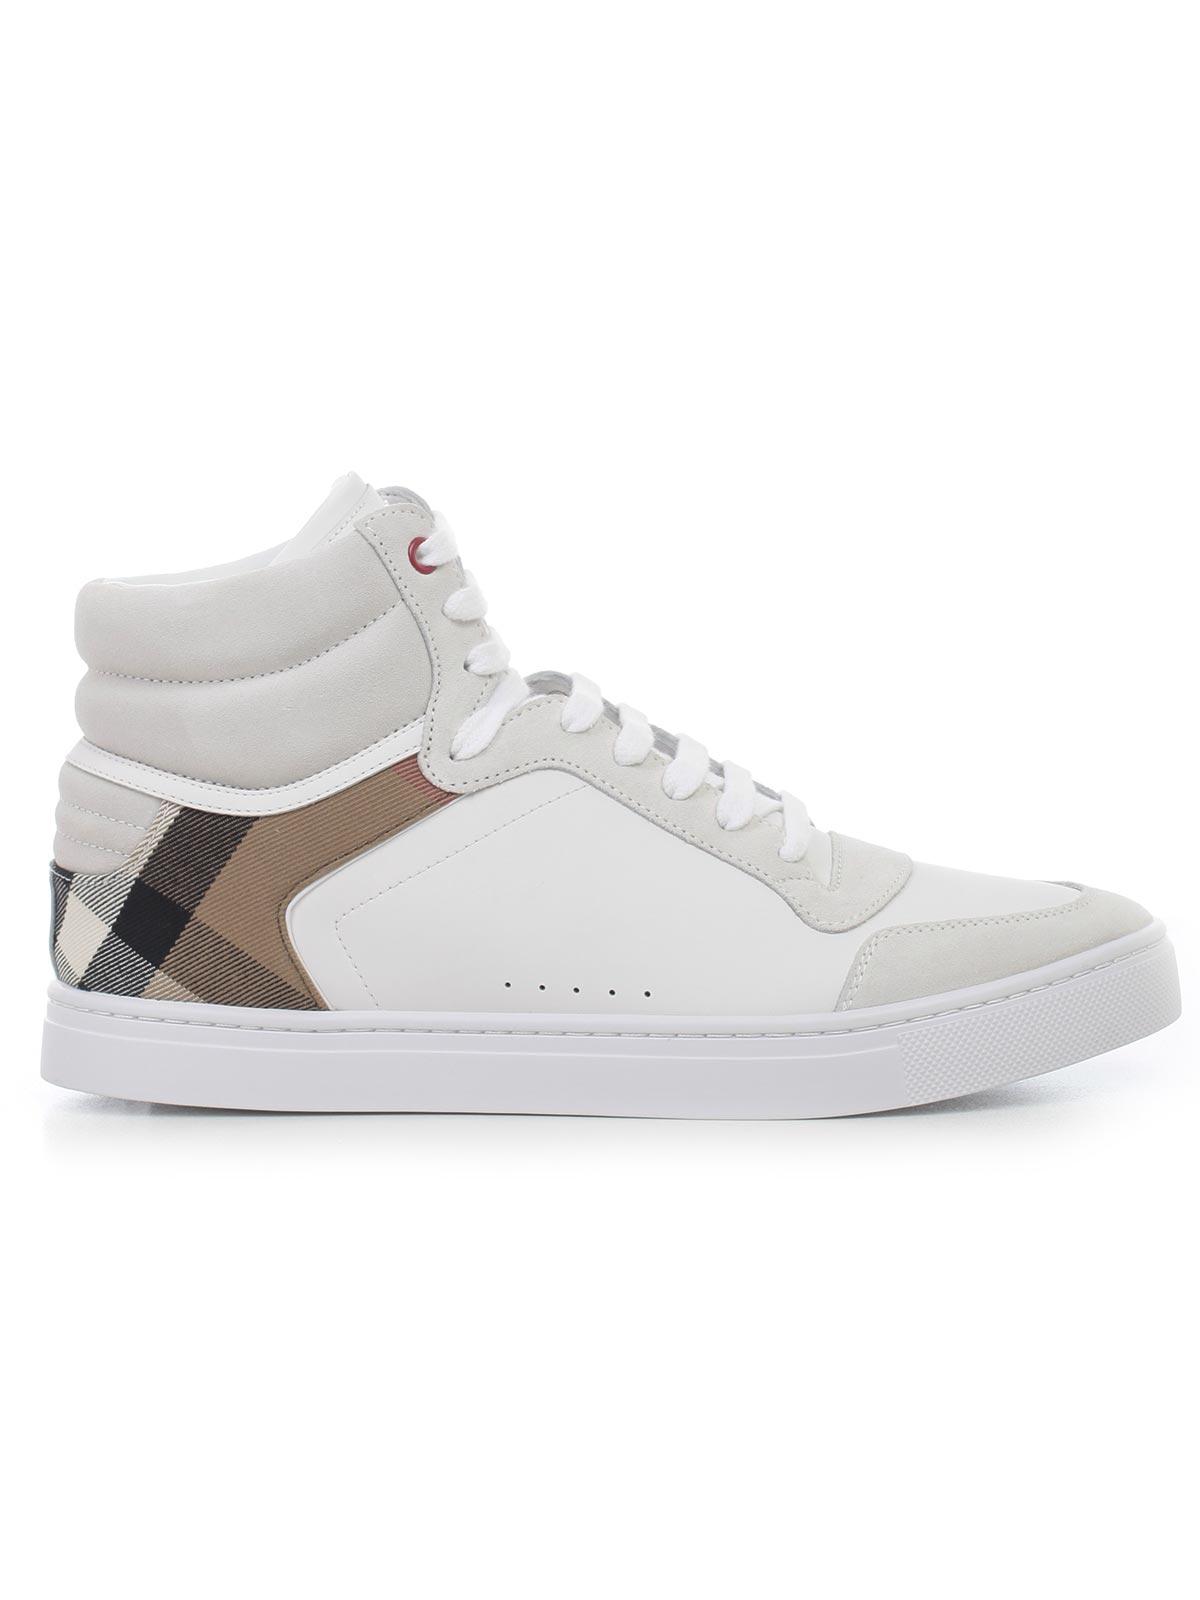 b3ec9832c8d Burberry Shoes 4054020